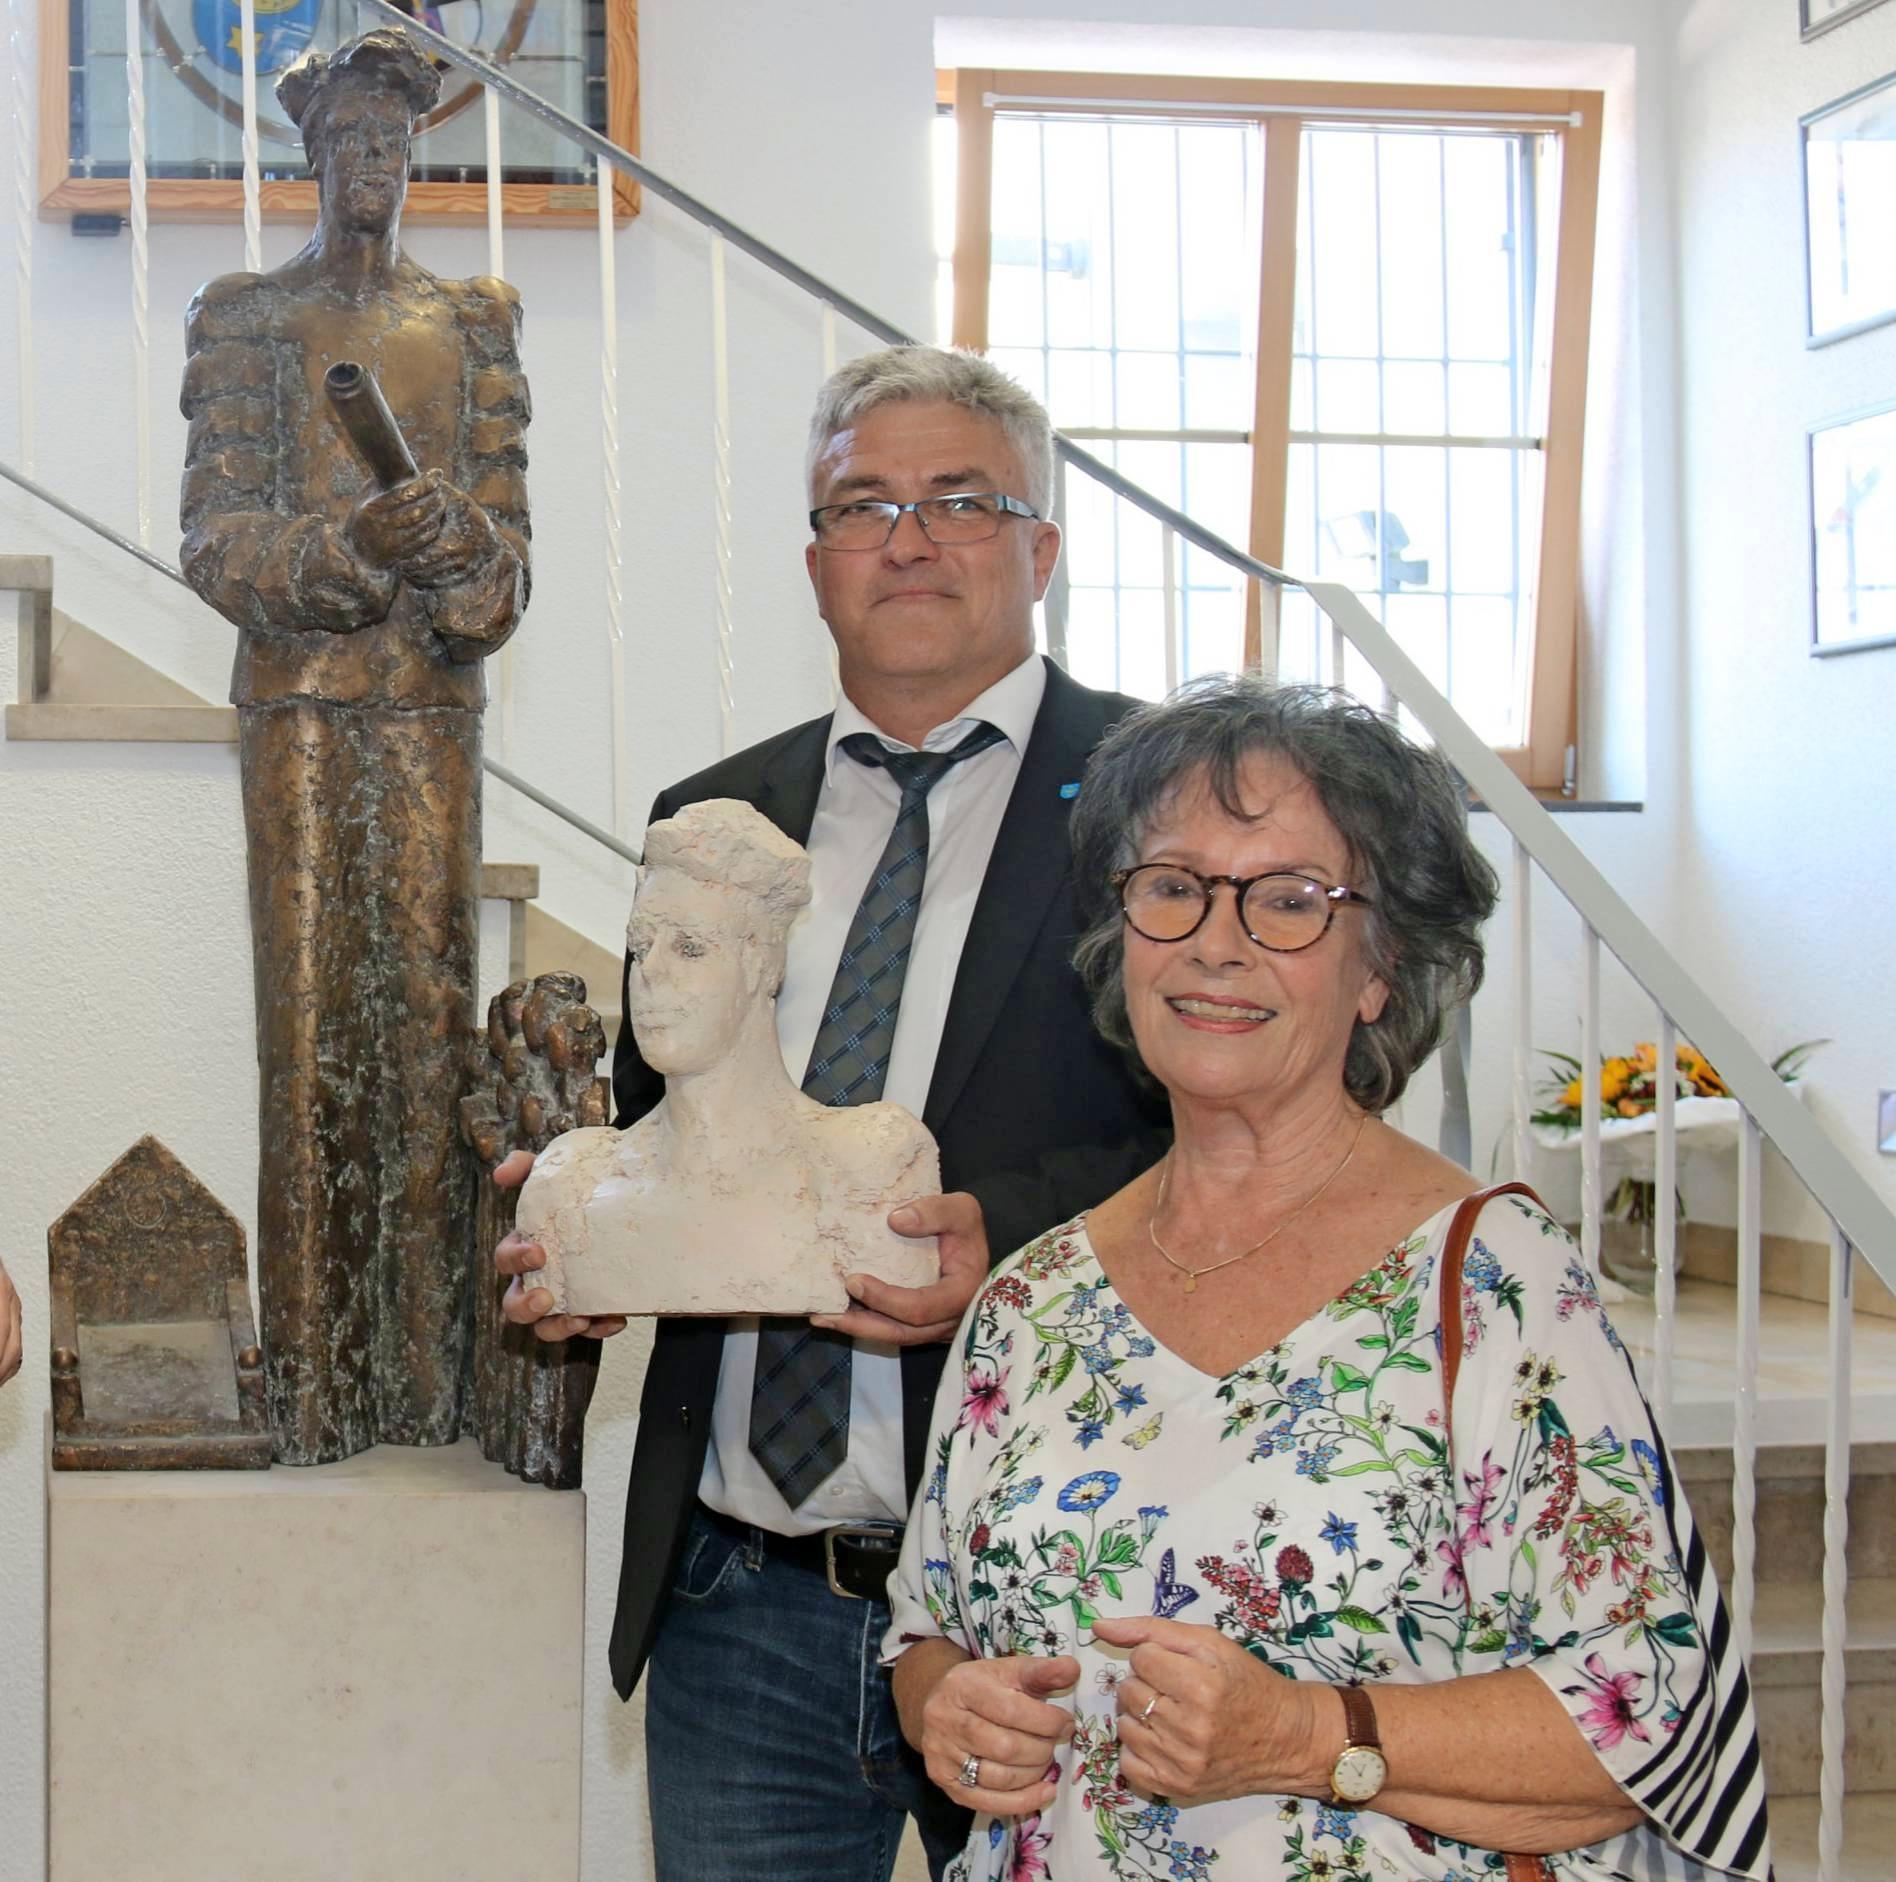 Eberwin ist nach Hause zurückgekehrt: Bildhauerin Ingrid Jäger bei der offiziellen Übergabe der neuen Skulptur an Ortsvorsteher Andreas Gastgeb. Foto: privat